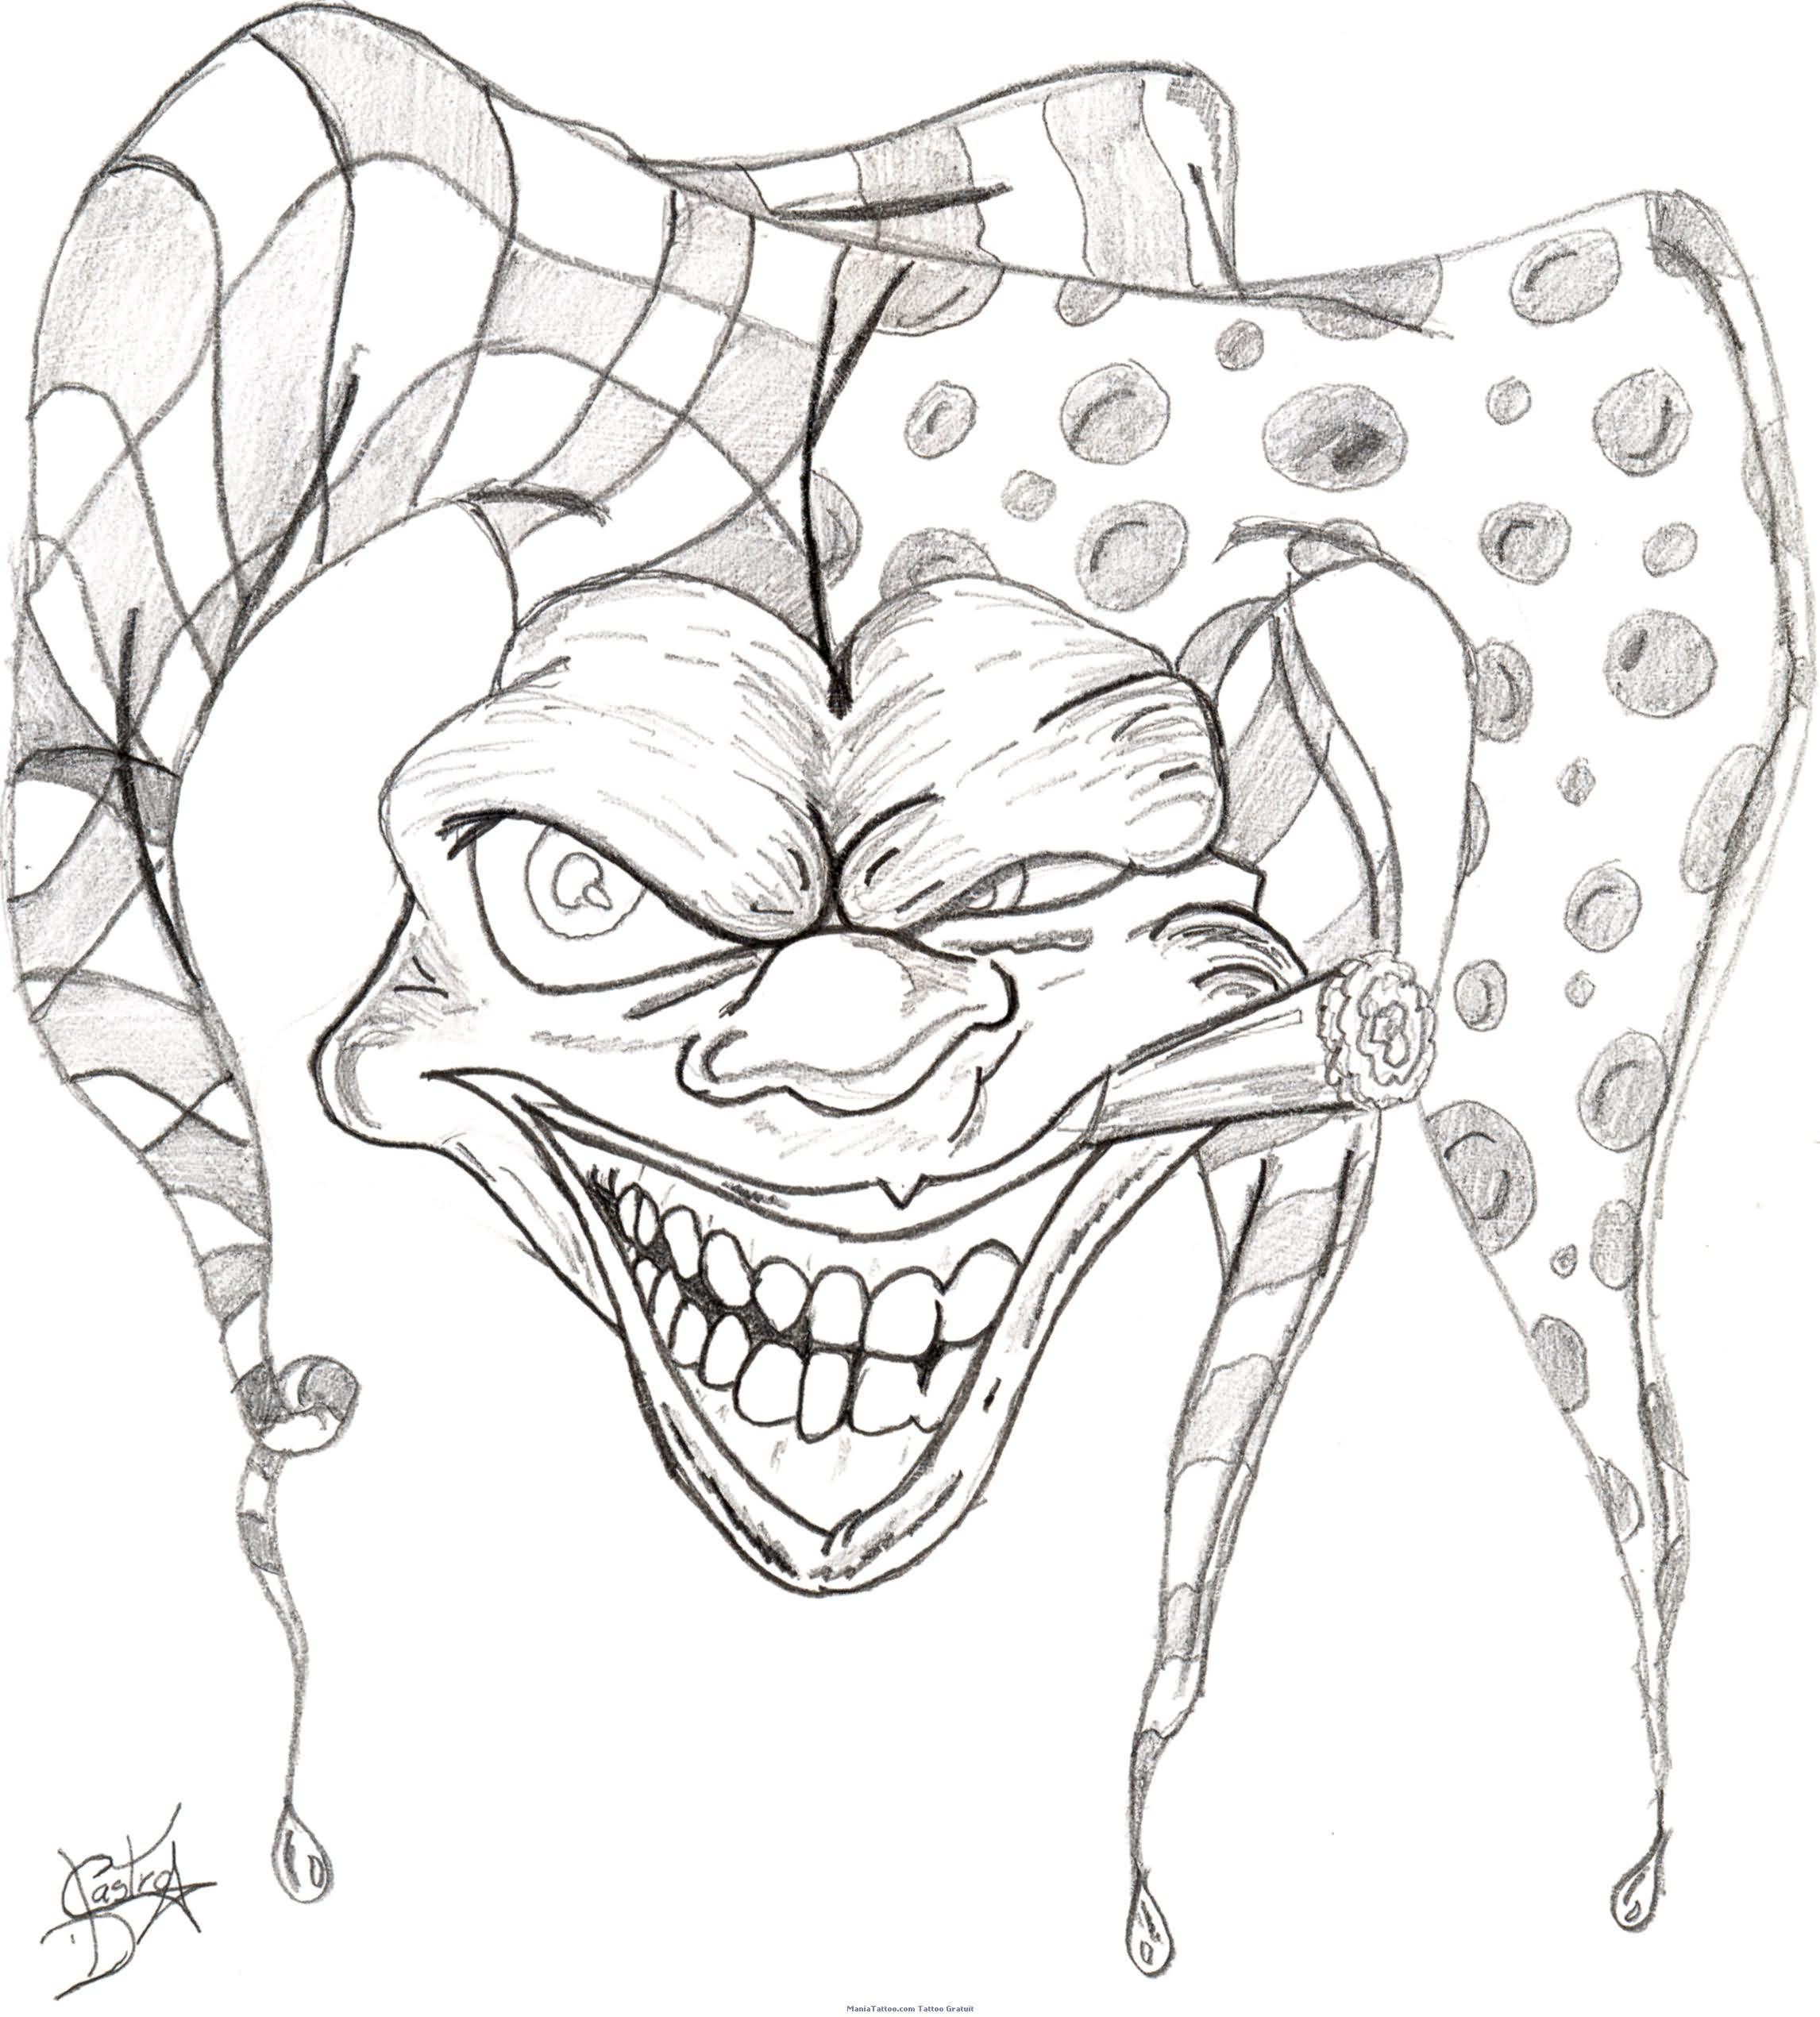 2292x2540 Clown Tattoo Sketches Gangster Clown Tattoo Sketches Clown